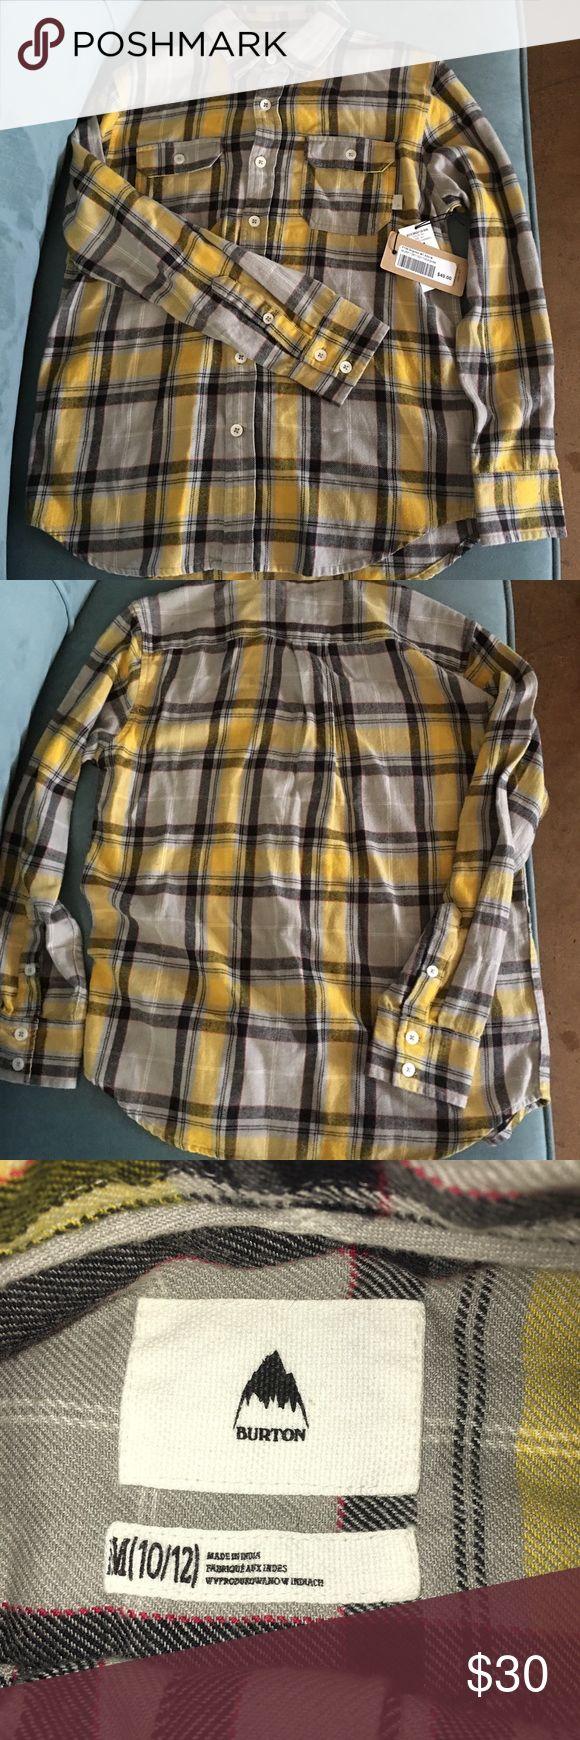 New Burton Boys Brighton Woven Shirt - Medium New with tags Burton boys Brighton long sleeve shirt                  Size: Boys medium (10/12) 100% cotton Burton Shirts & Tops Button Down Shirts